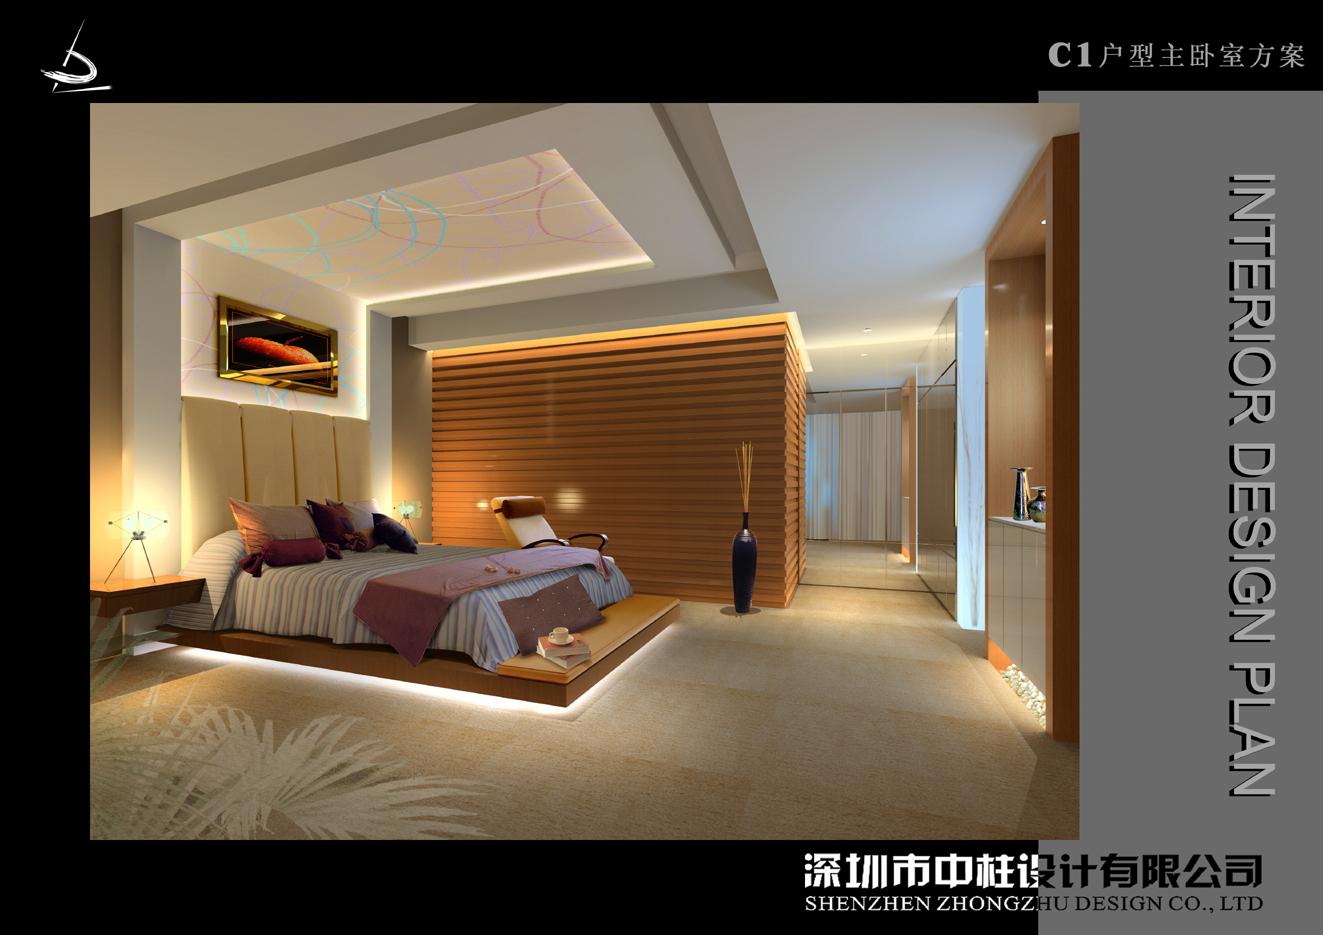 【卧室效果图_客厅与卧室隔断墙